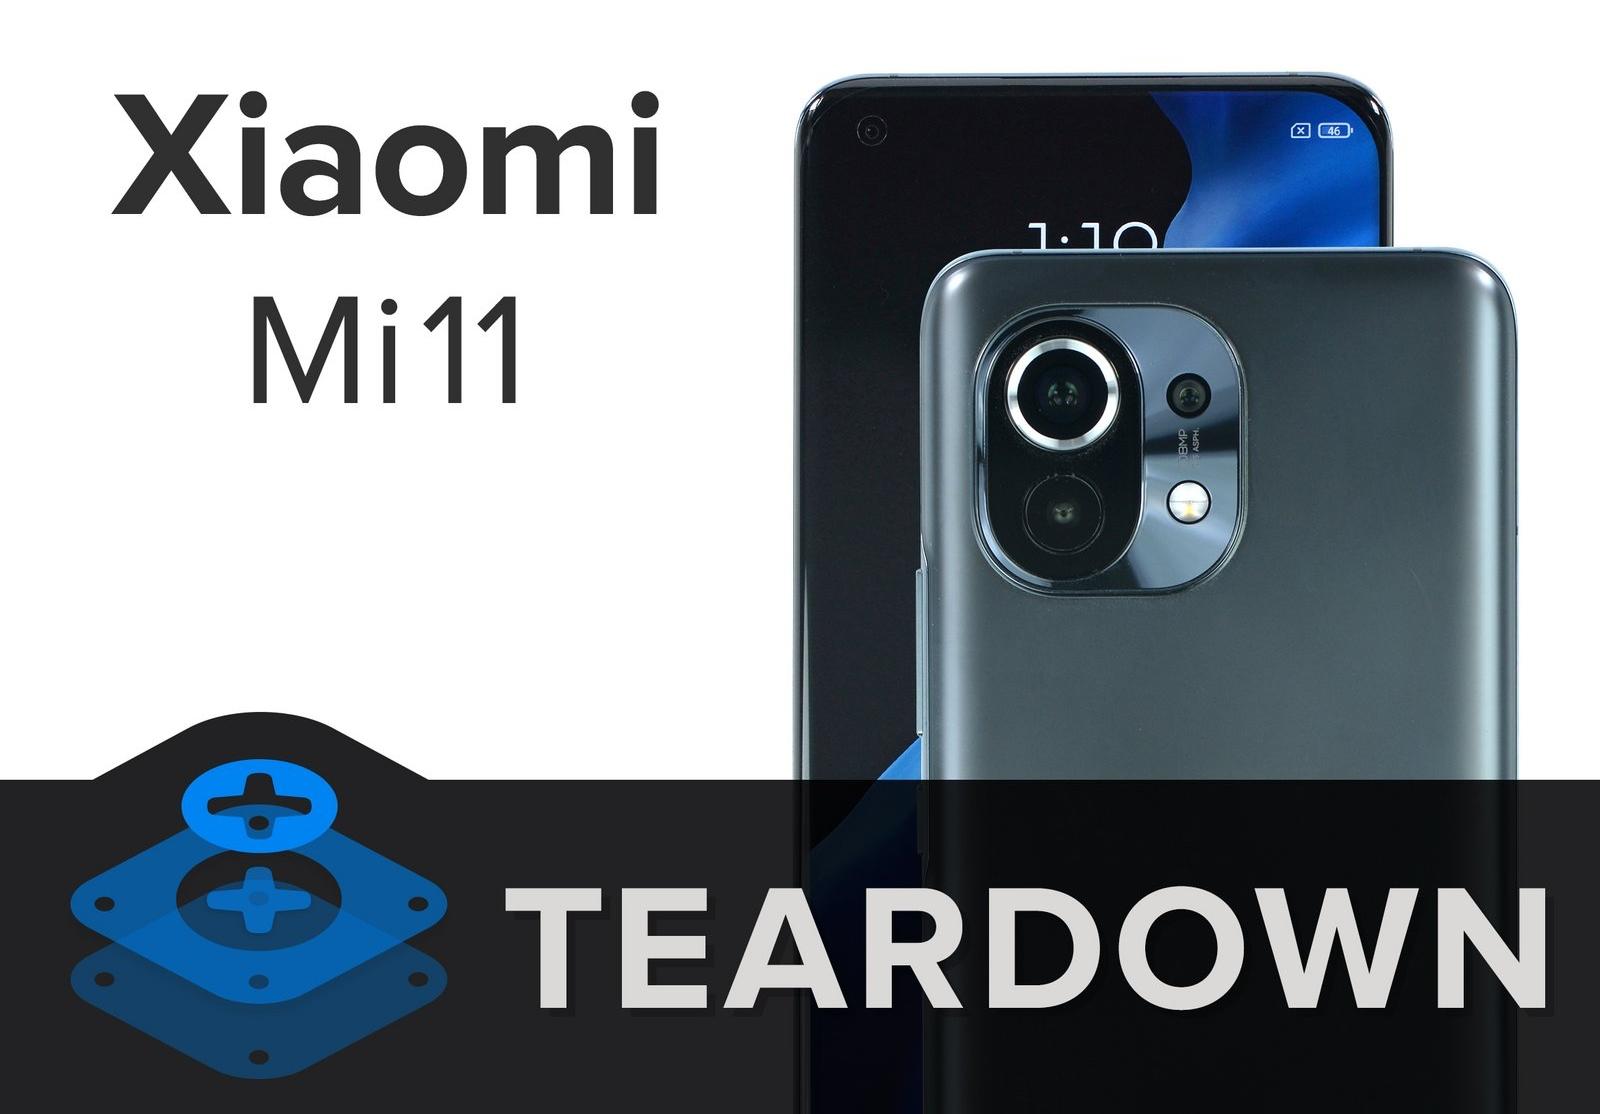 Лучше не ломать: iFixit разобрали Xiaomi Mi 11 и выяснили тяжело ли отремонтировать смартфон